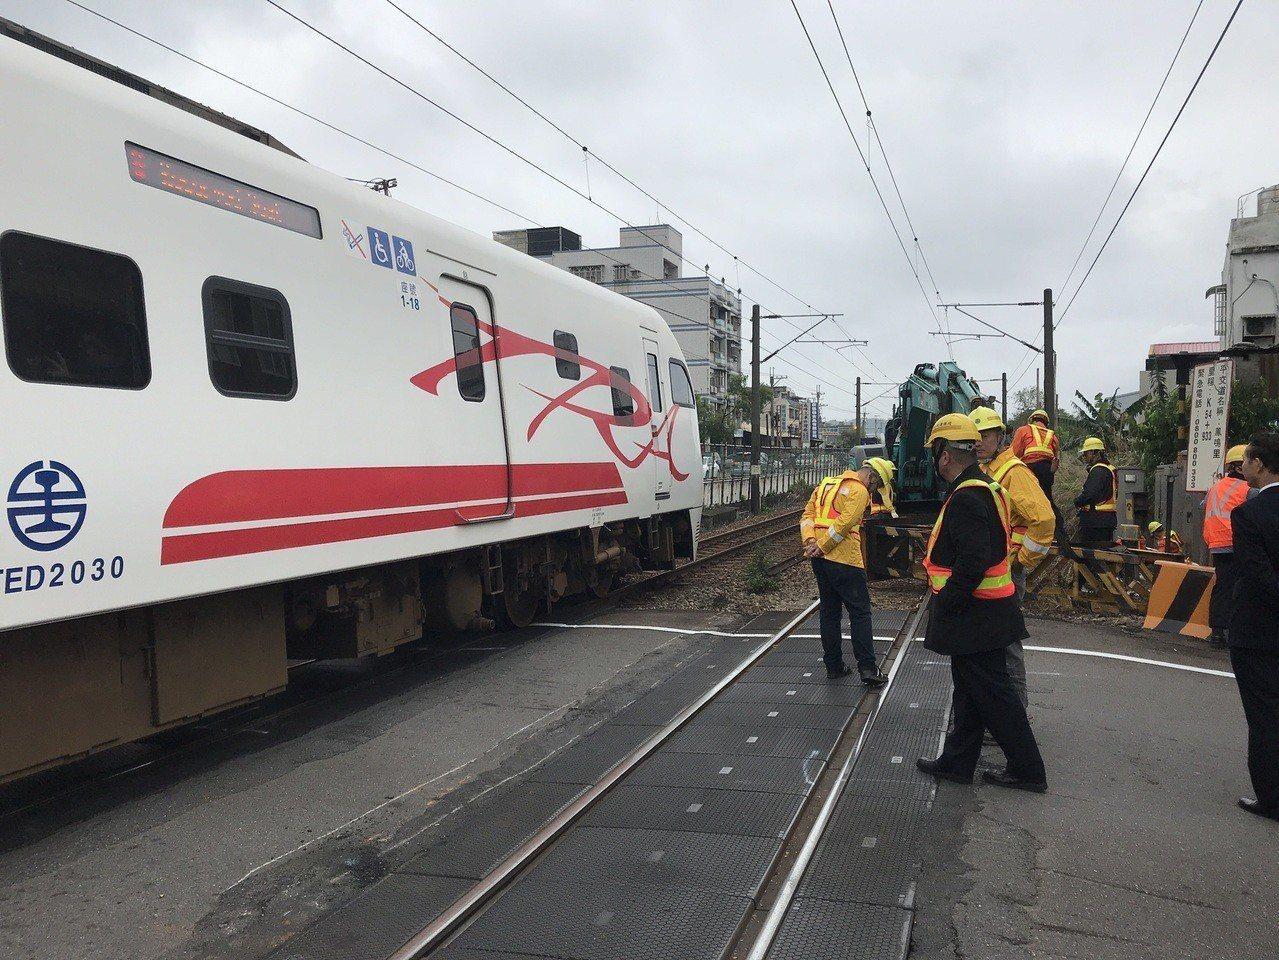 事故排除後,列車將陸續恢復通行。記者林昭彰/翻攝